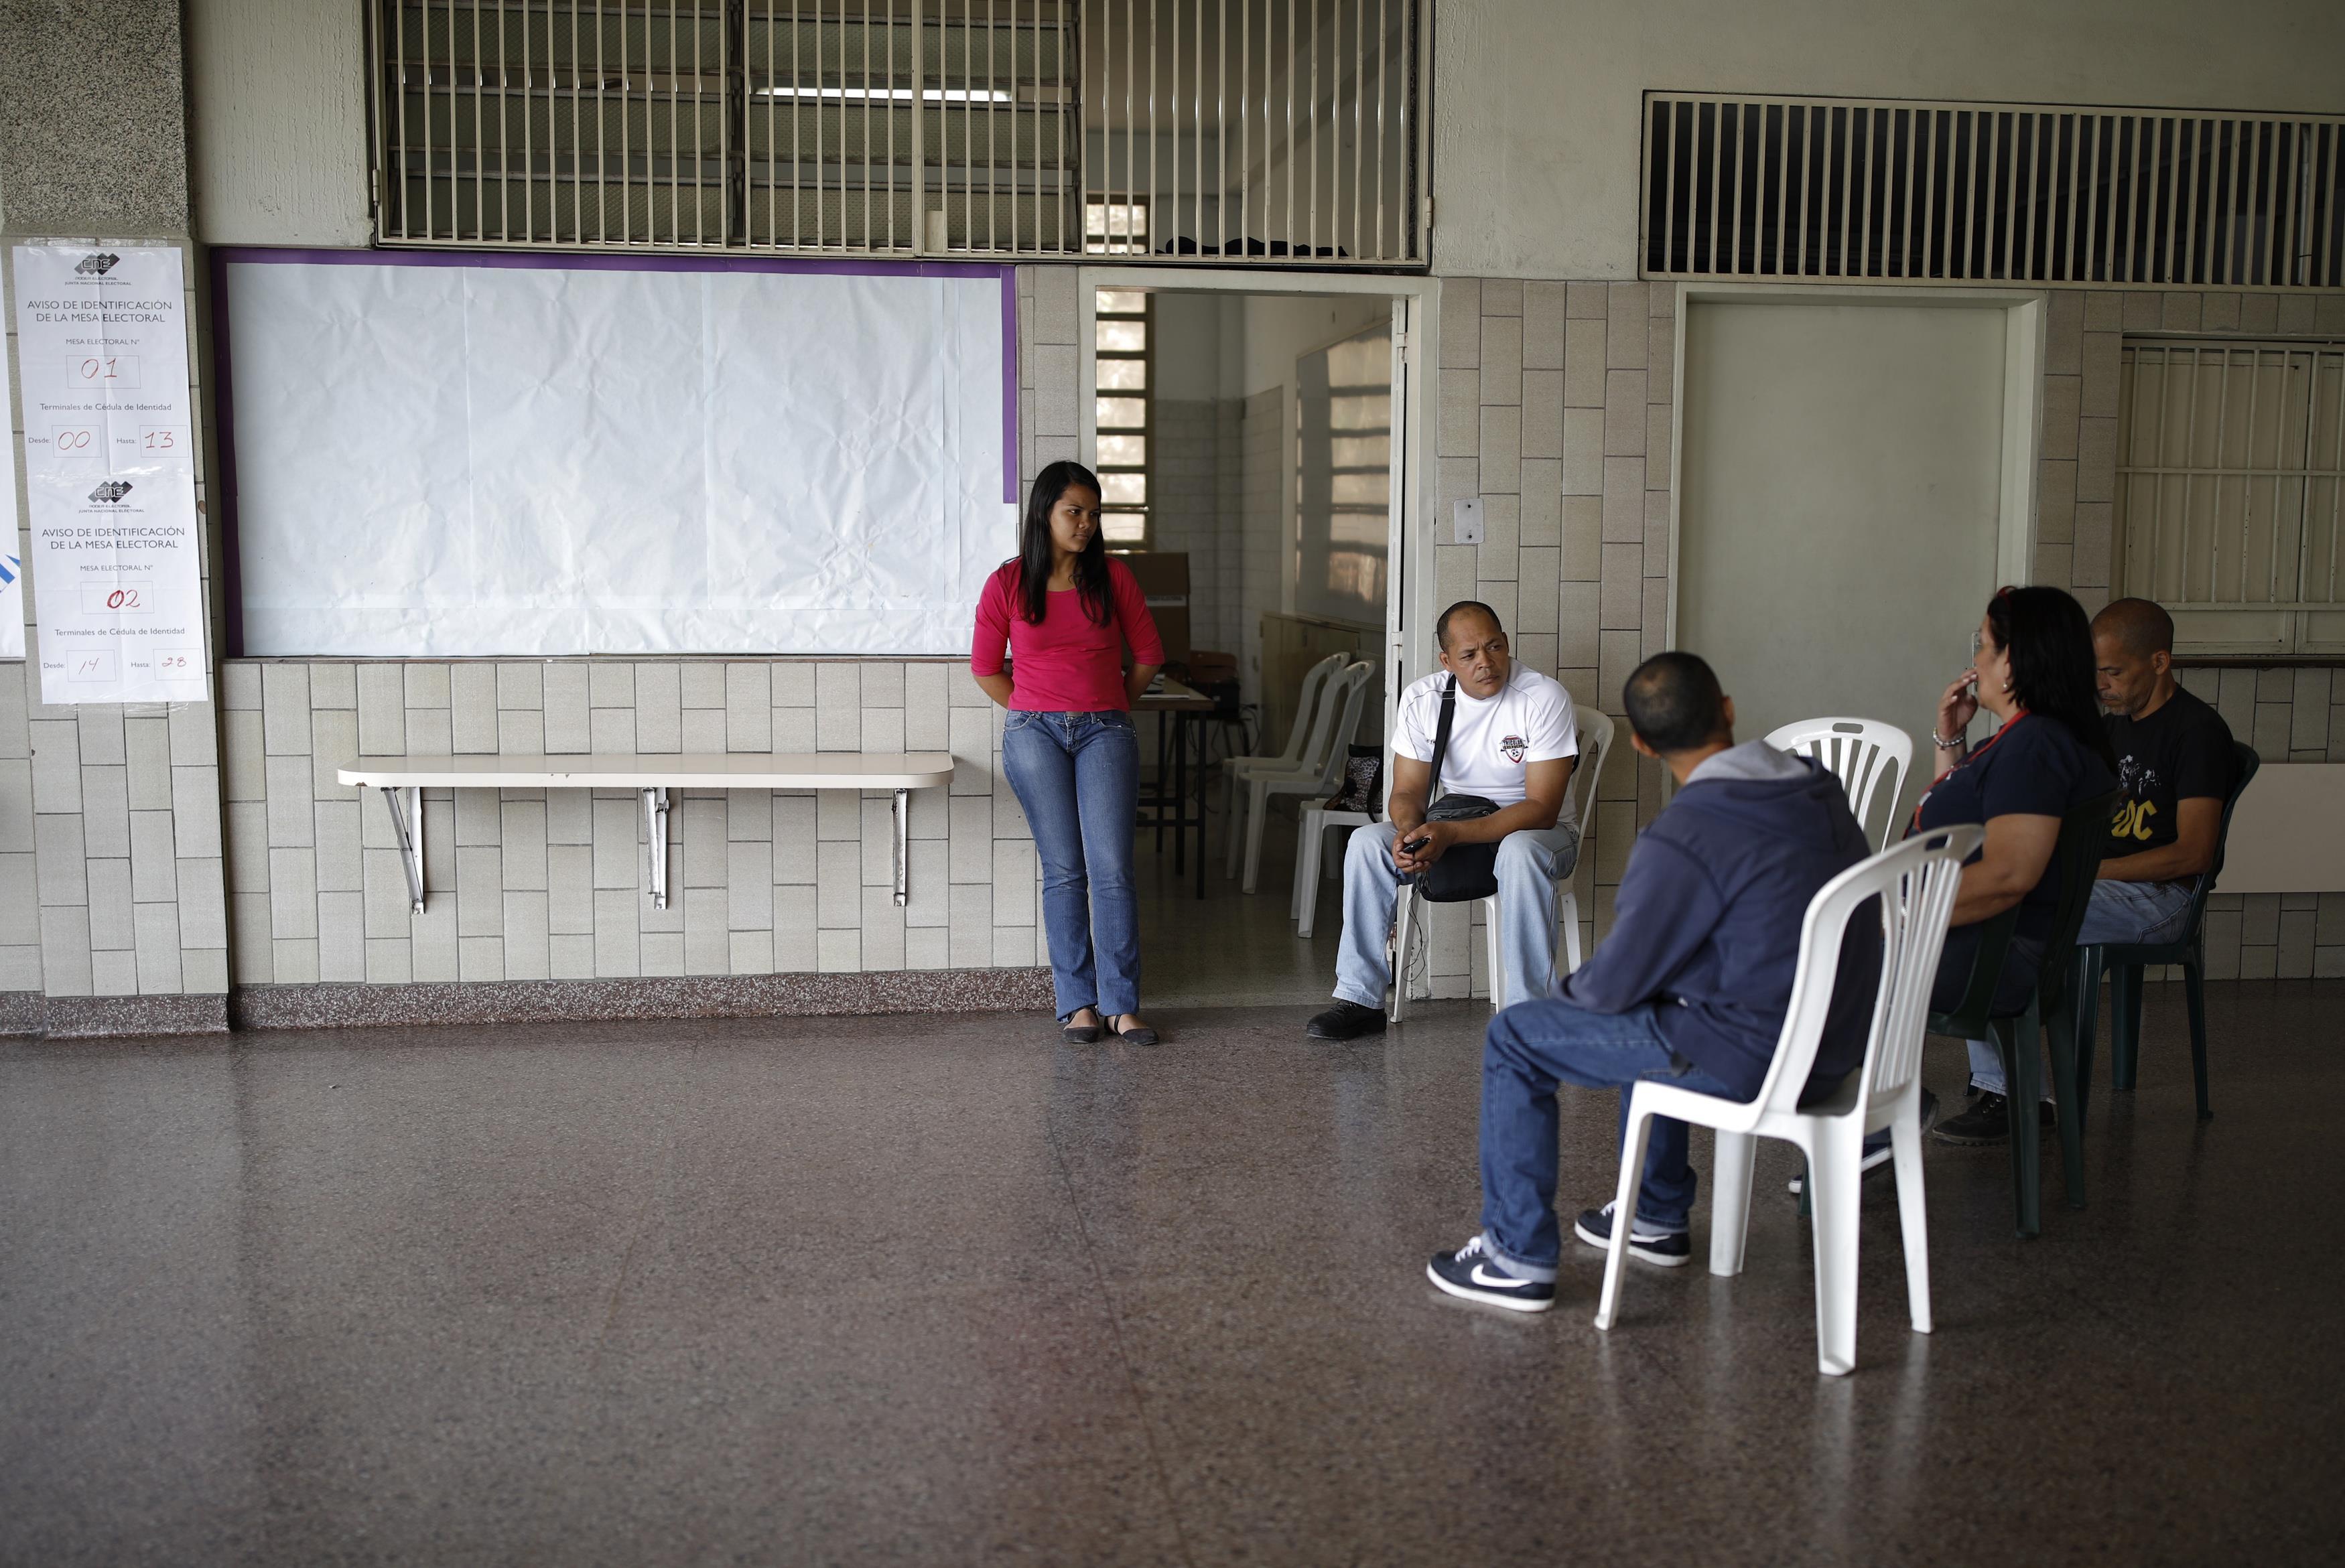 Miembros de una mesa conversan y se distraen mientras esperan a votantes (Reuters)